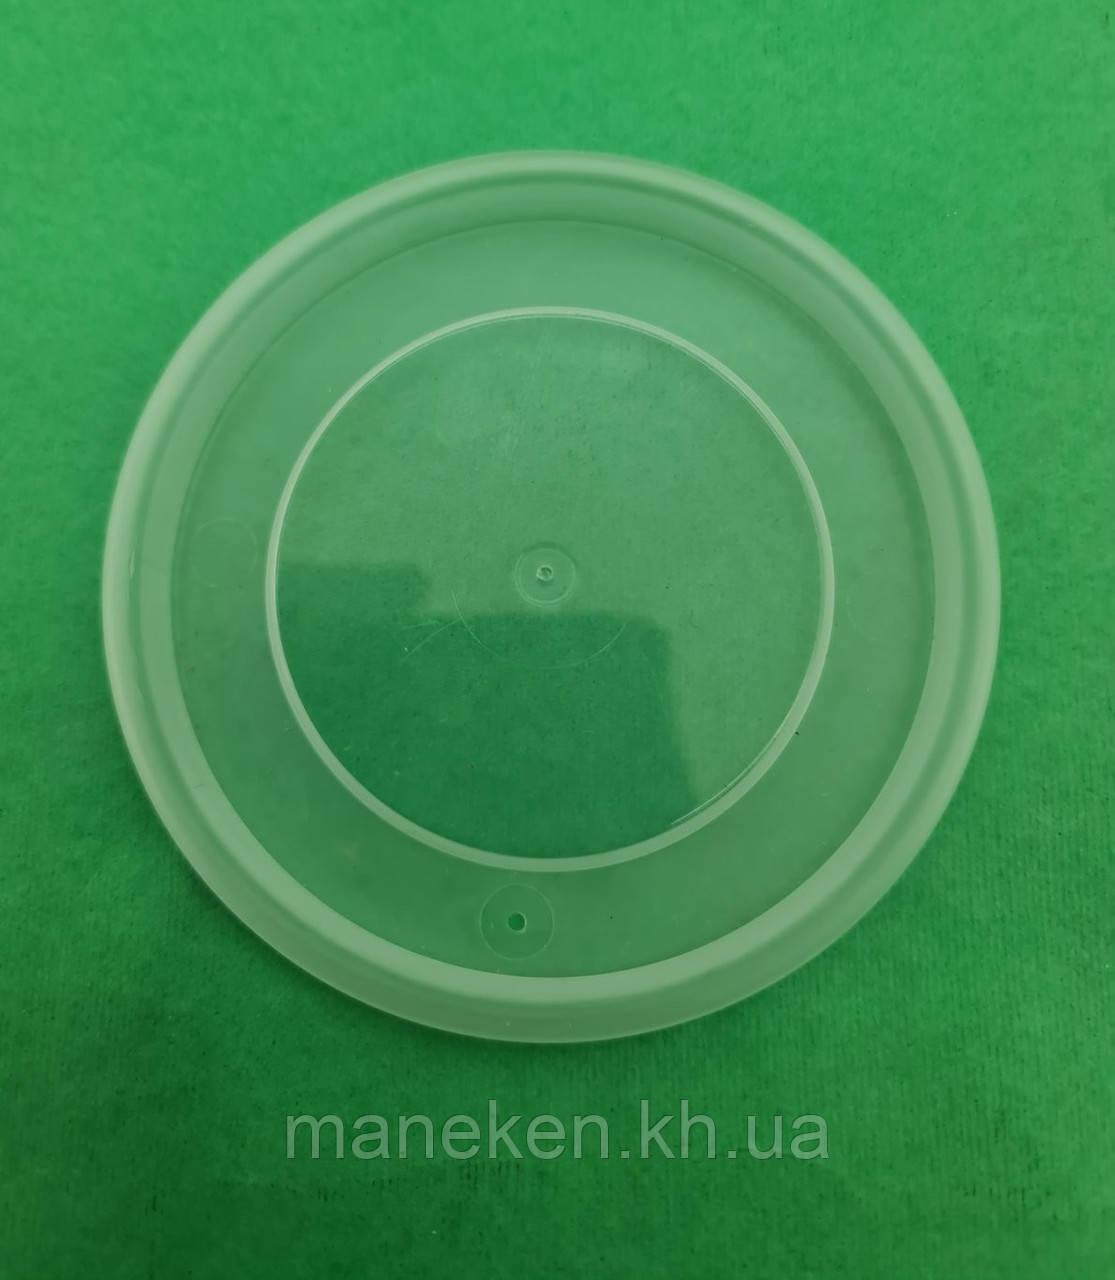 Крышка пластиковая для супника 250мл.350мл.480мл (50 шт)